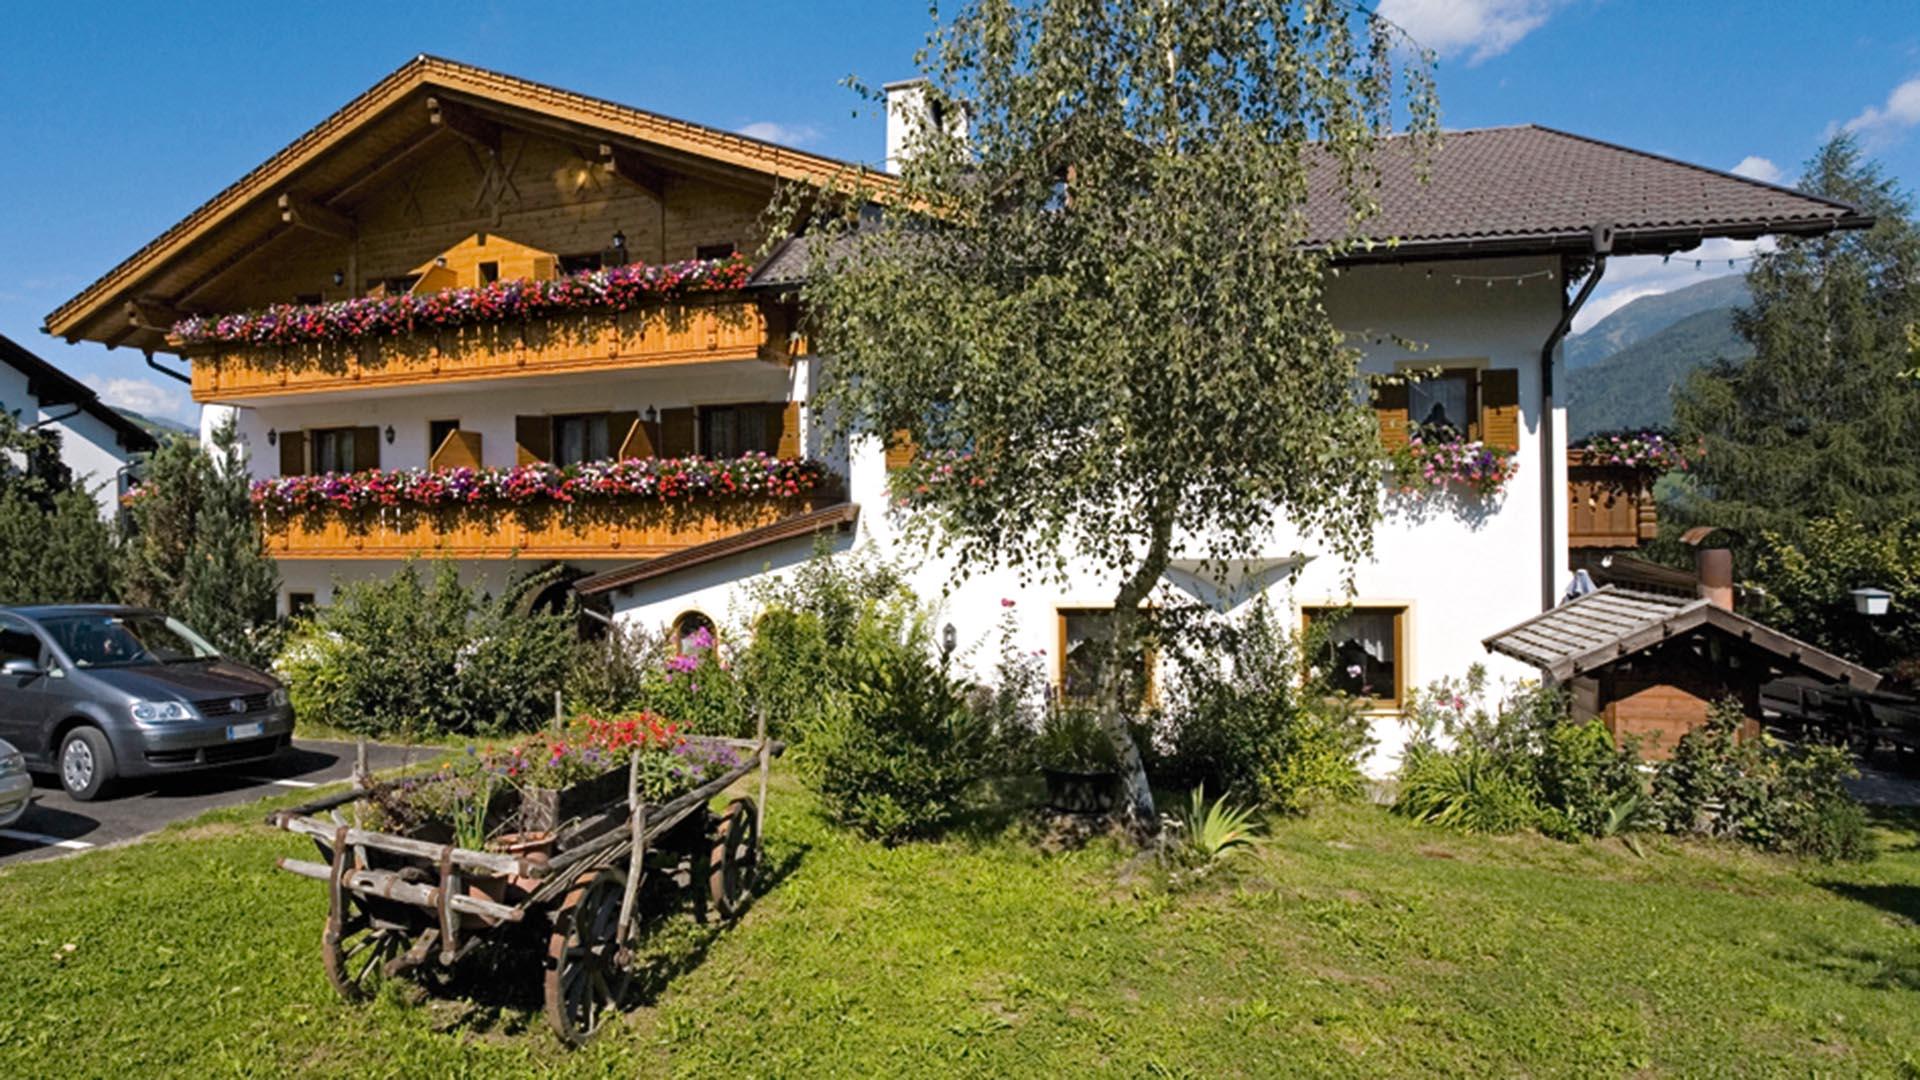 Hotel-Restaurant-Pizzeria Thuinerwaldele